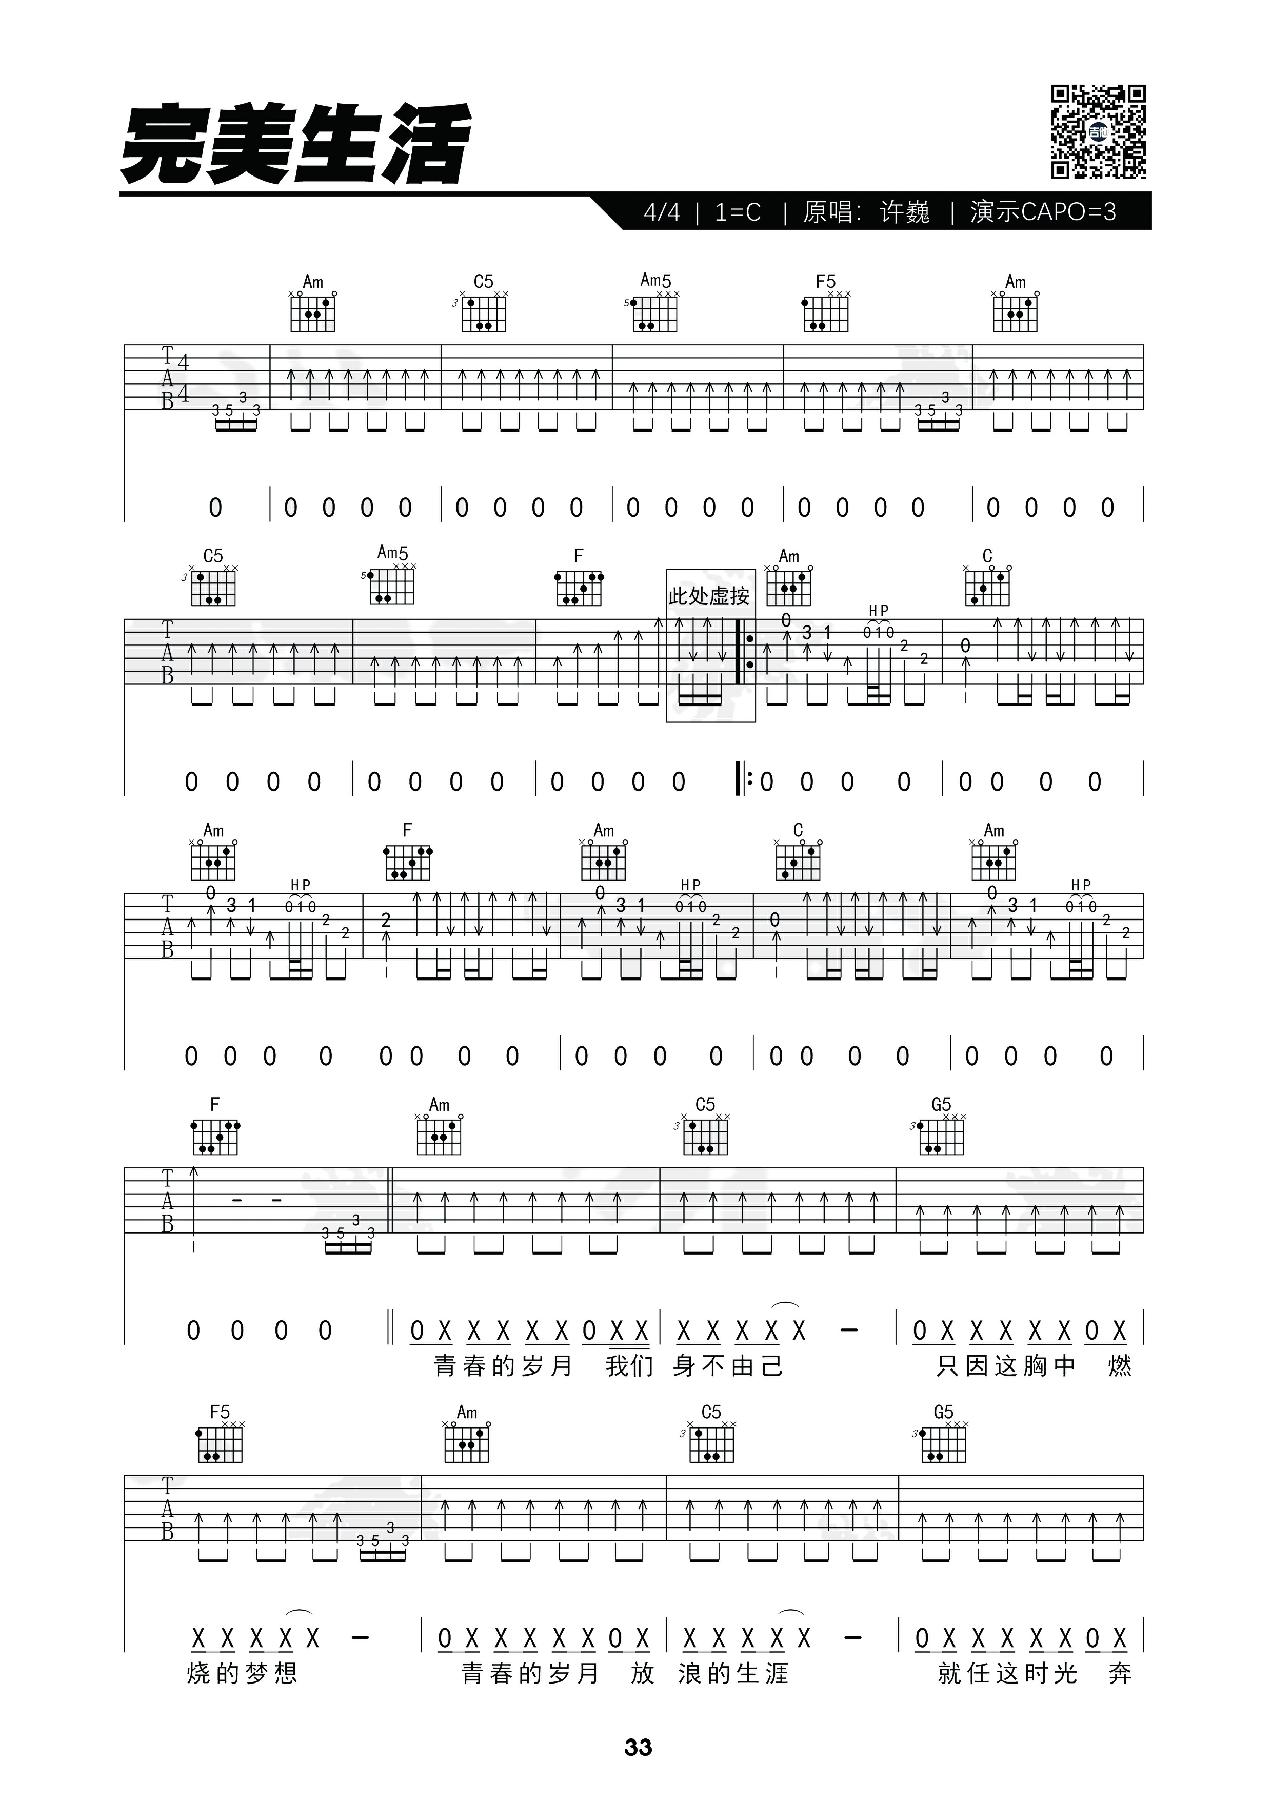 完美生活(必弹吉他)吉他谱(图片谱,伴奏,弹唱,简单版)_许巍_kgnggsfu0zlu3cpuxhoi.png